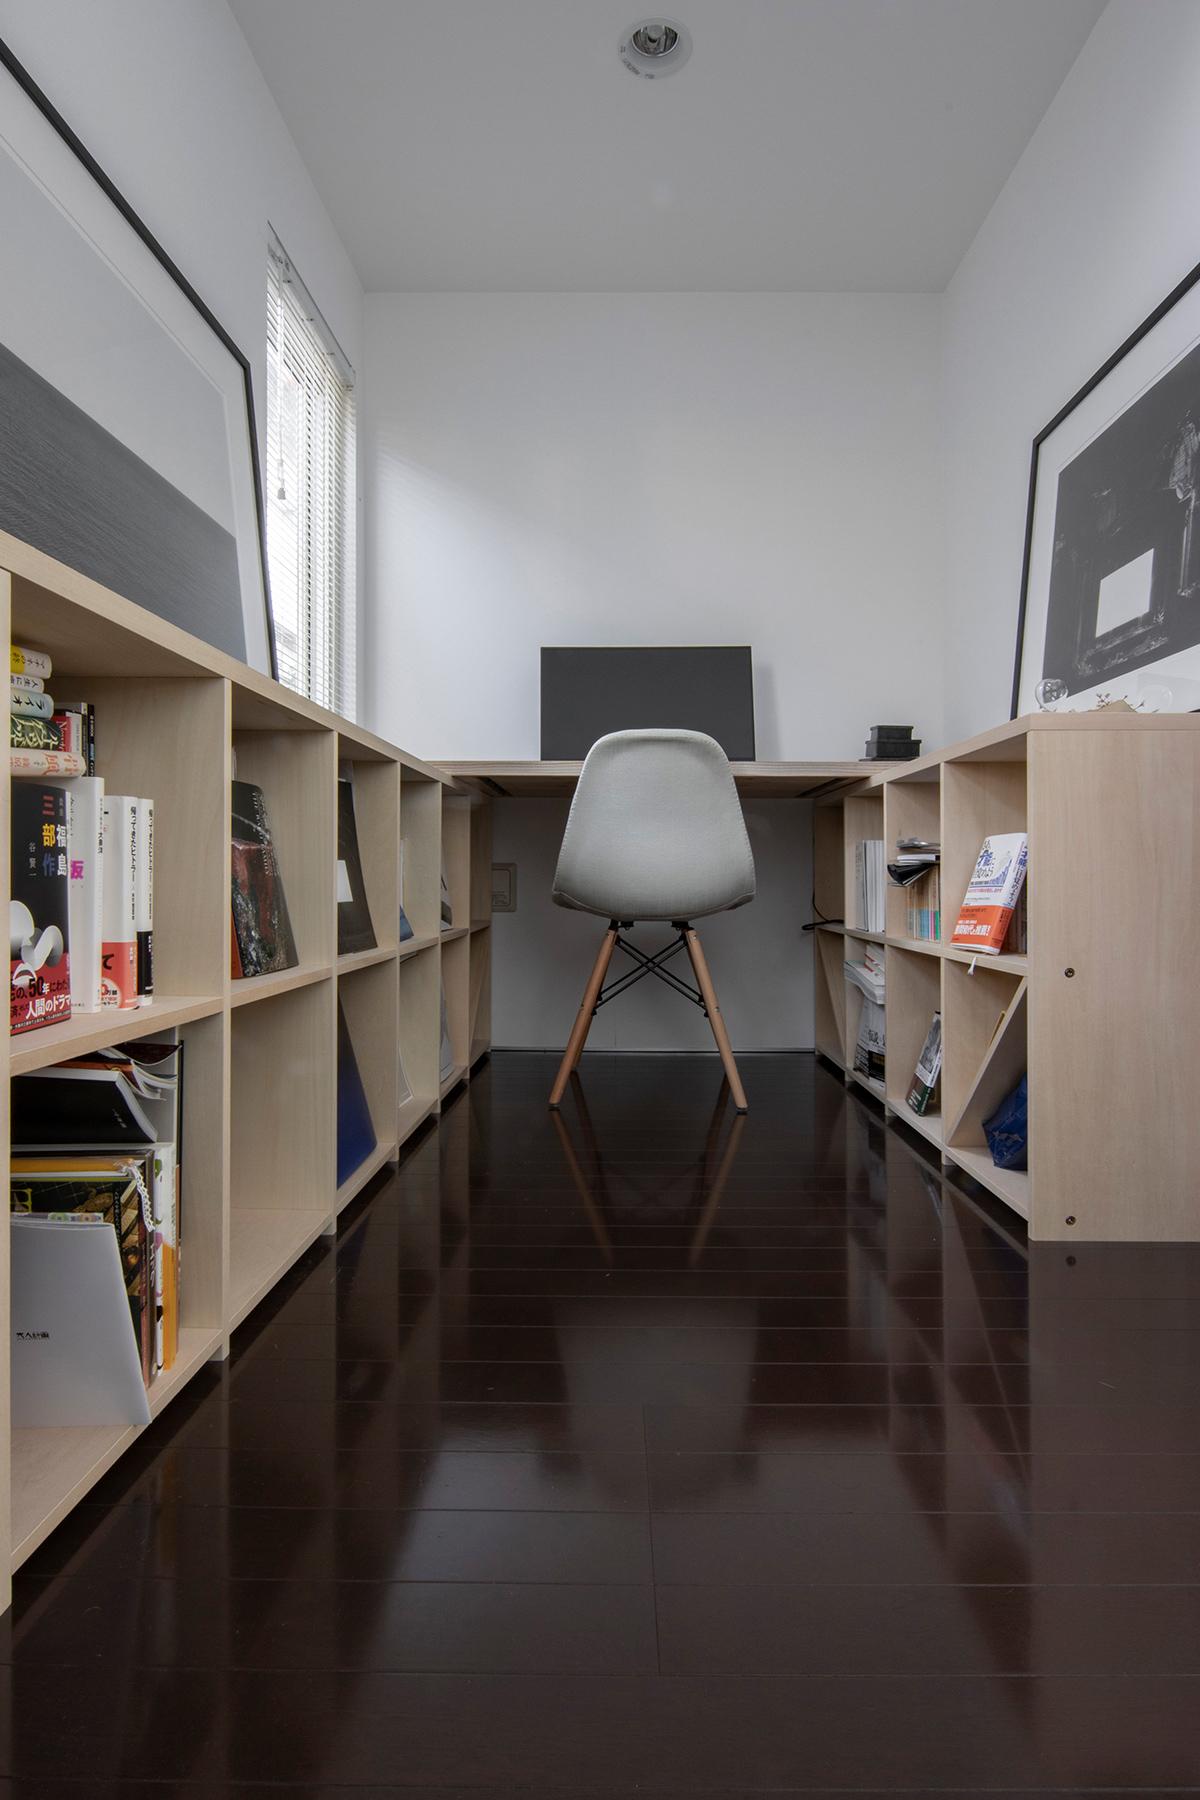 ロータイプの本棚を平行に並べる | 壁一面の本棚 奥行350mm ロータイプ / Shelf (No.13) | マルゲリータ使用例